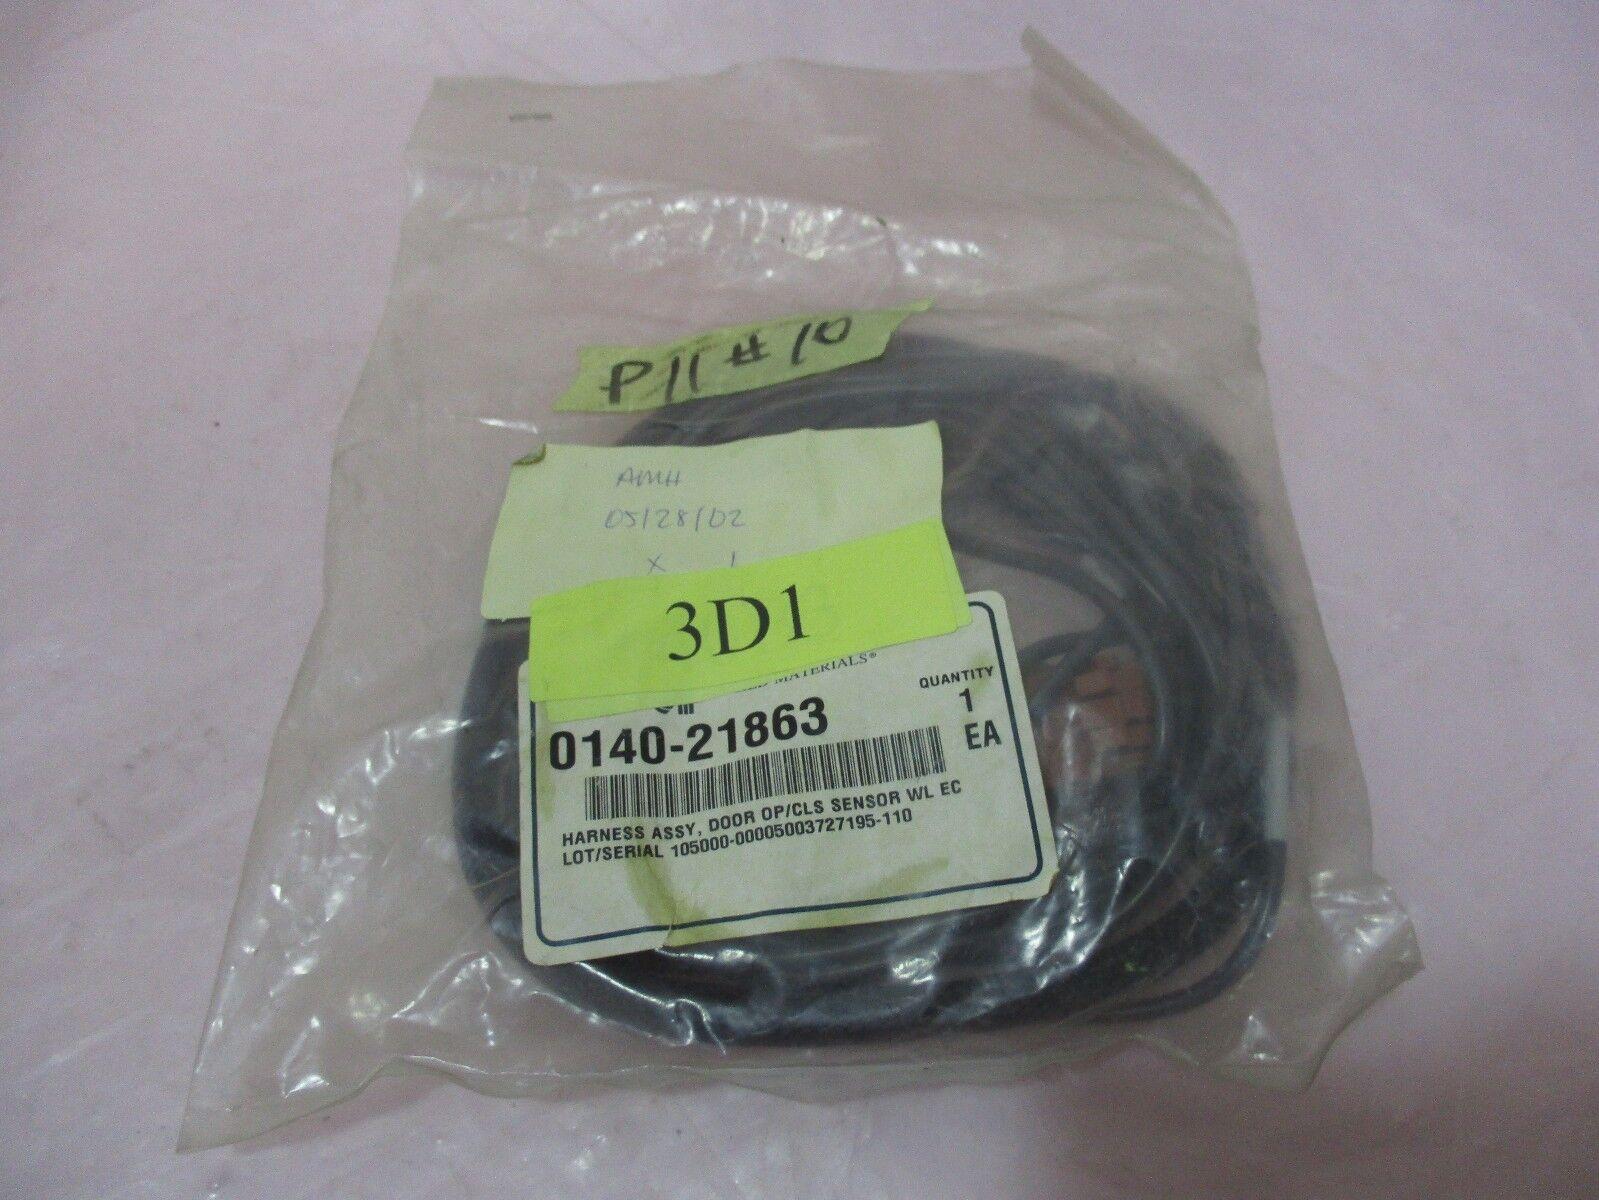 AMAT 0140-21863 Harness Assembly, Door OP/CLS Sensor WL EC, 420332